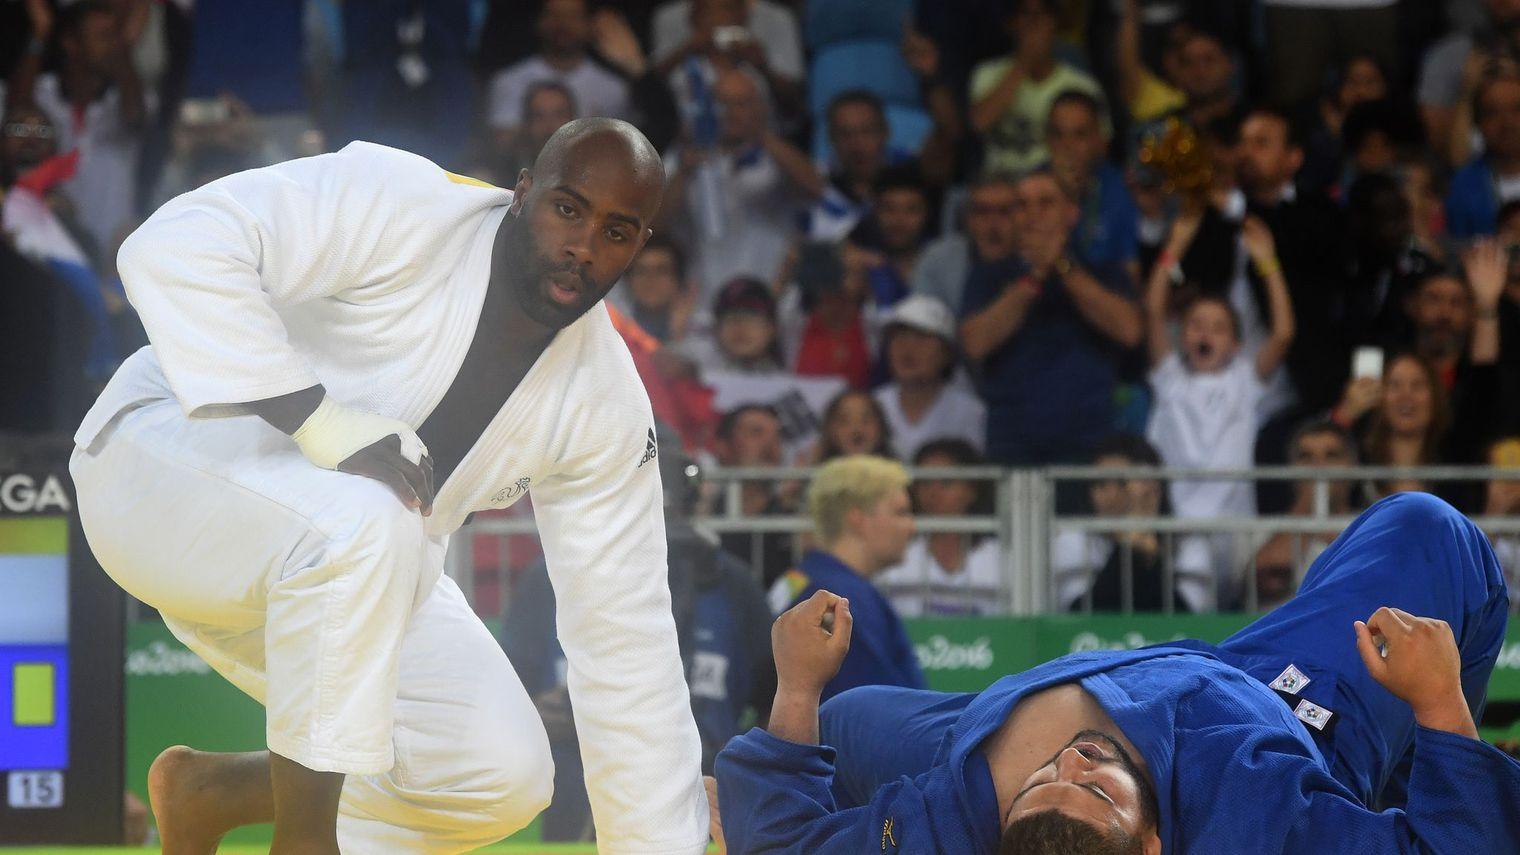 teddy-riner-blanc-face-a-l-algerien-mohammed-amine-tayeb-bleu-lors-des-qualifications-pour-les-quarts-au-tournoi-olympique-de-judo-le-12-aout-2016-a-rio_5651559